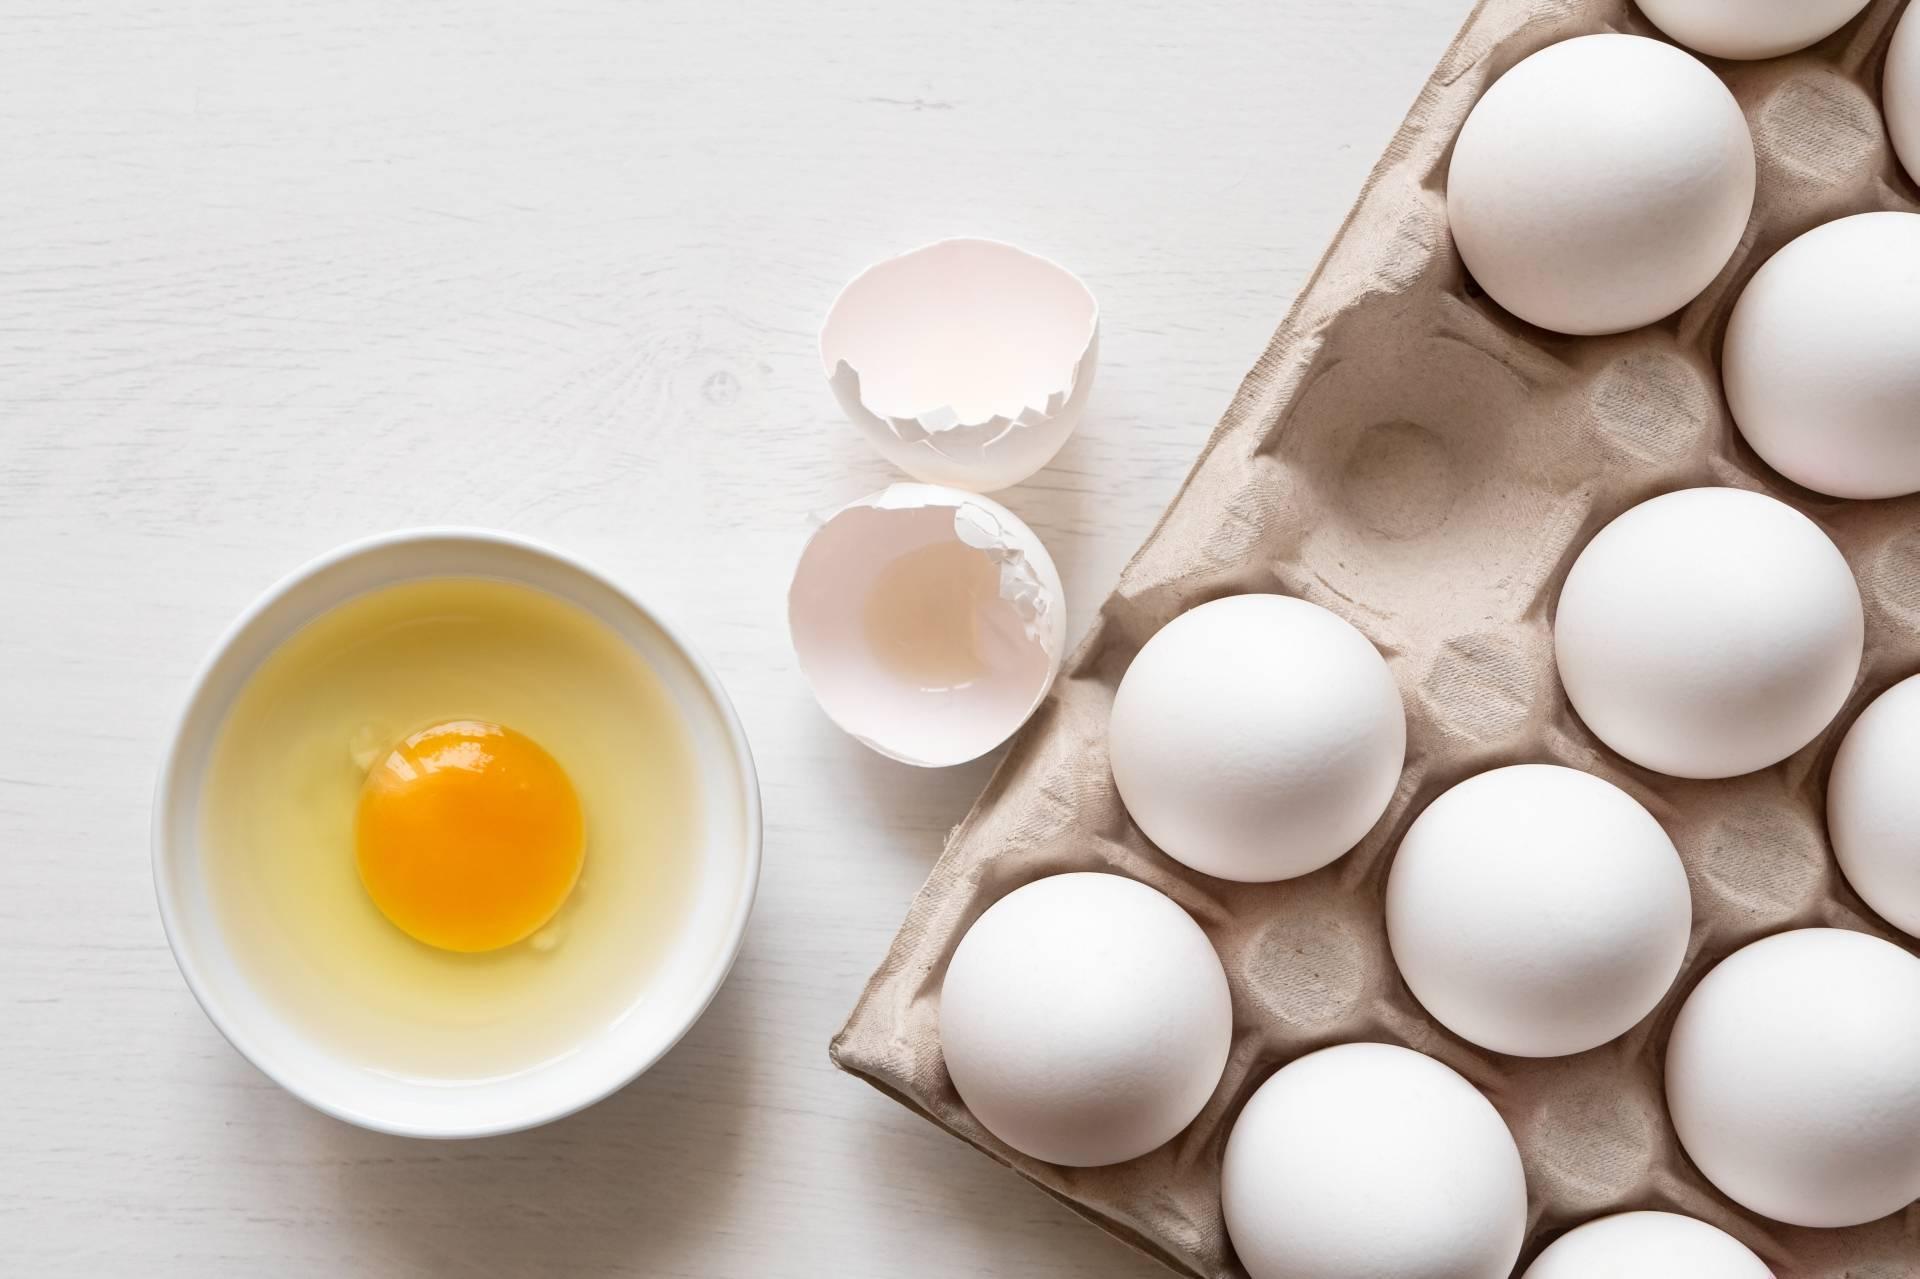 Dieta przeciwgrzybicza. Jajka na białym blacie, obok w miseczce jedno wbite jajko.